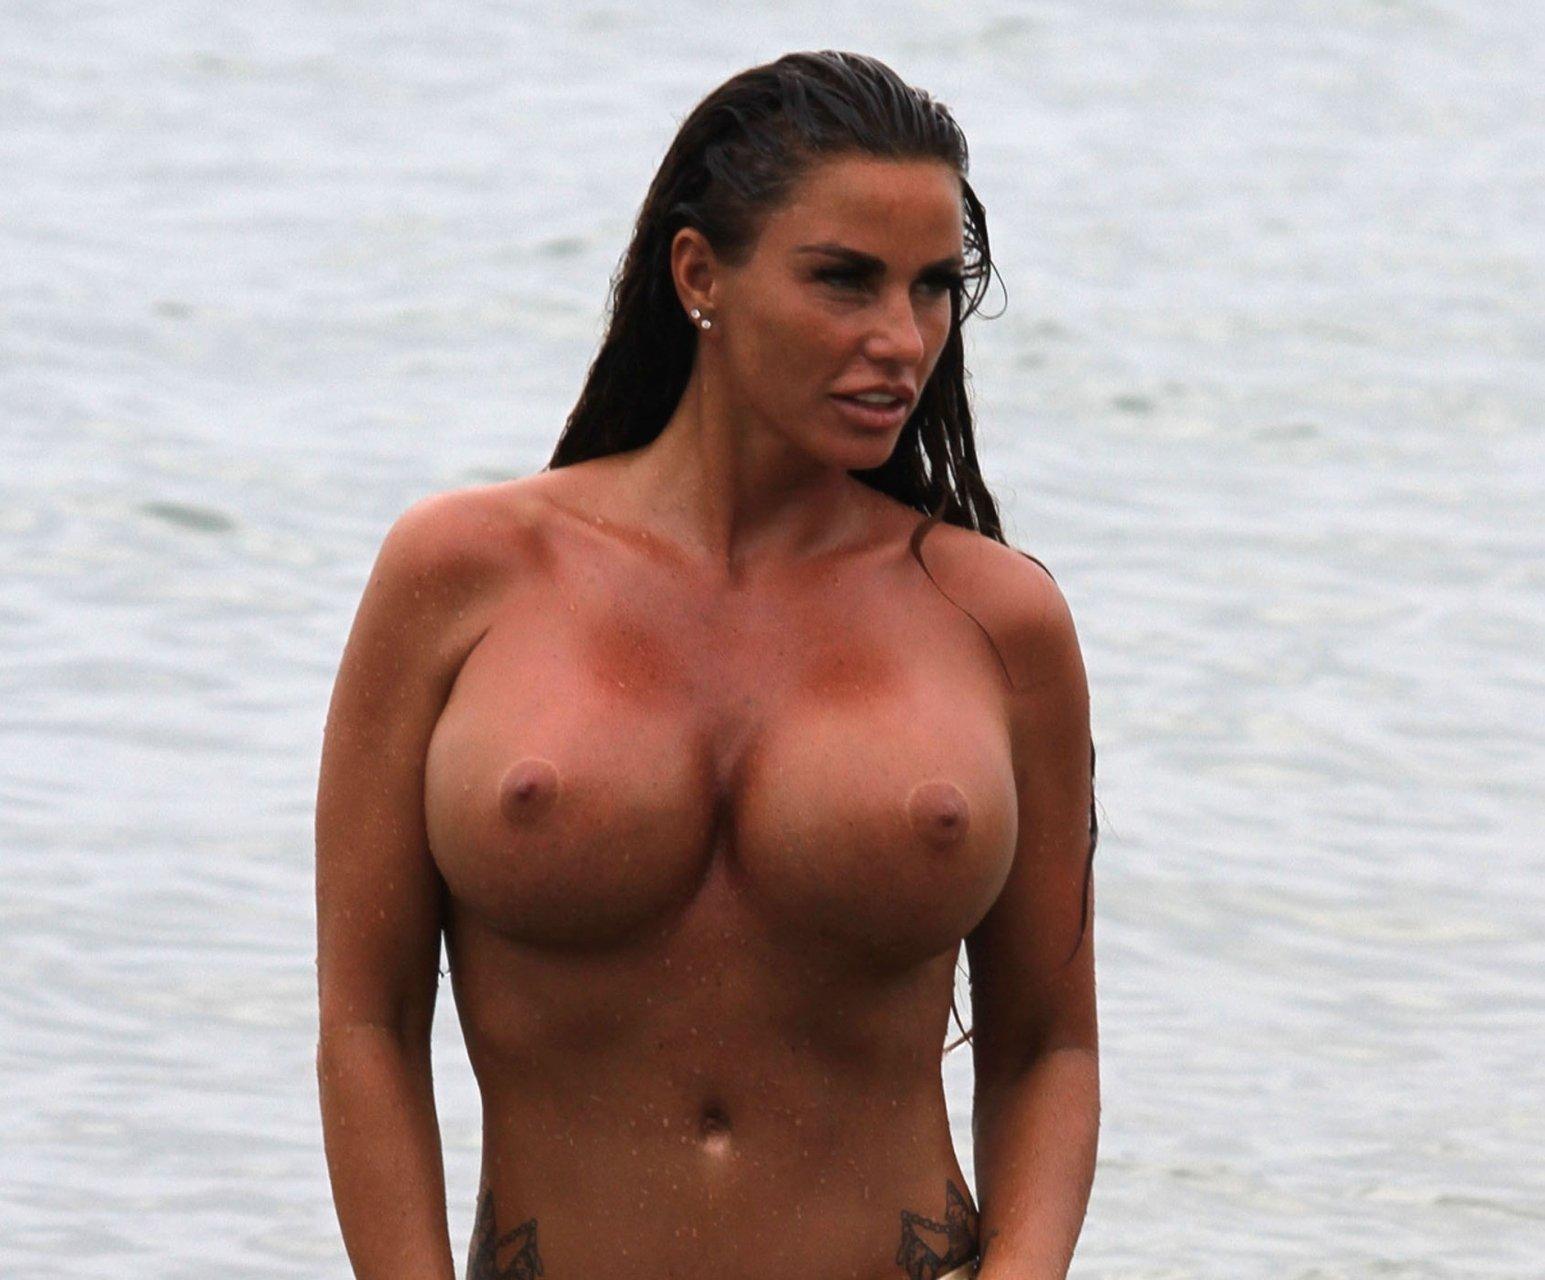 Katie price drunk topless